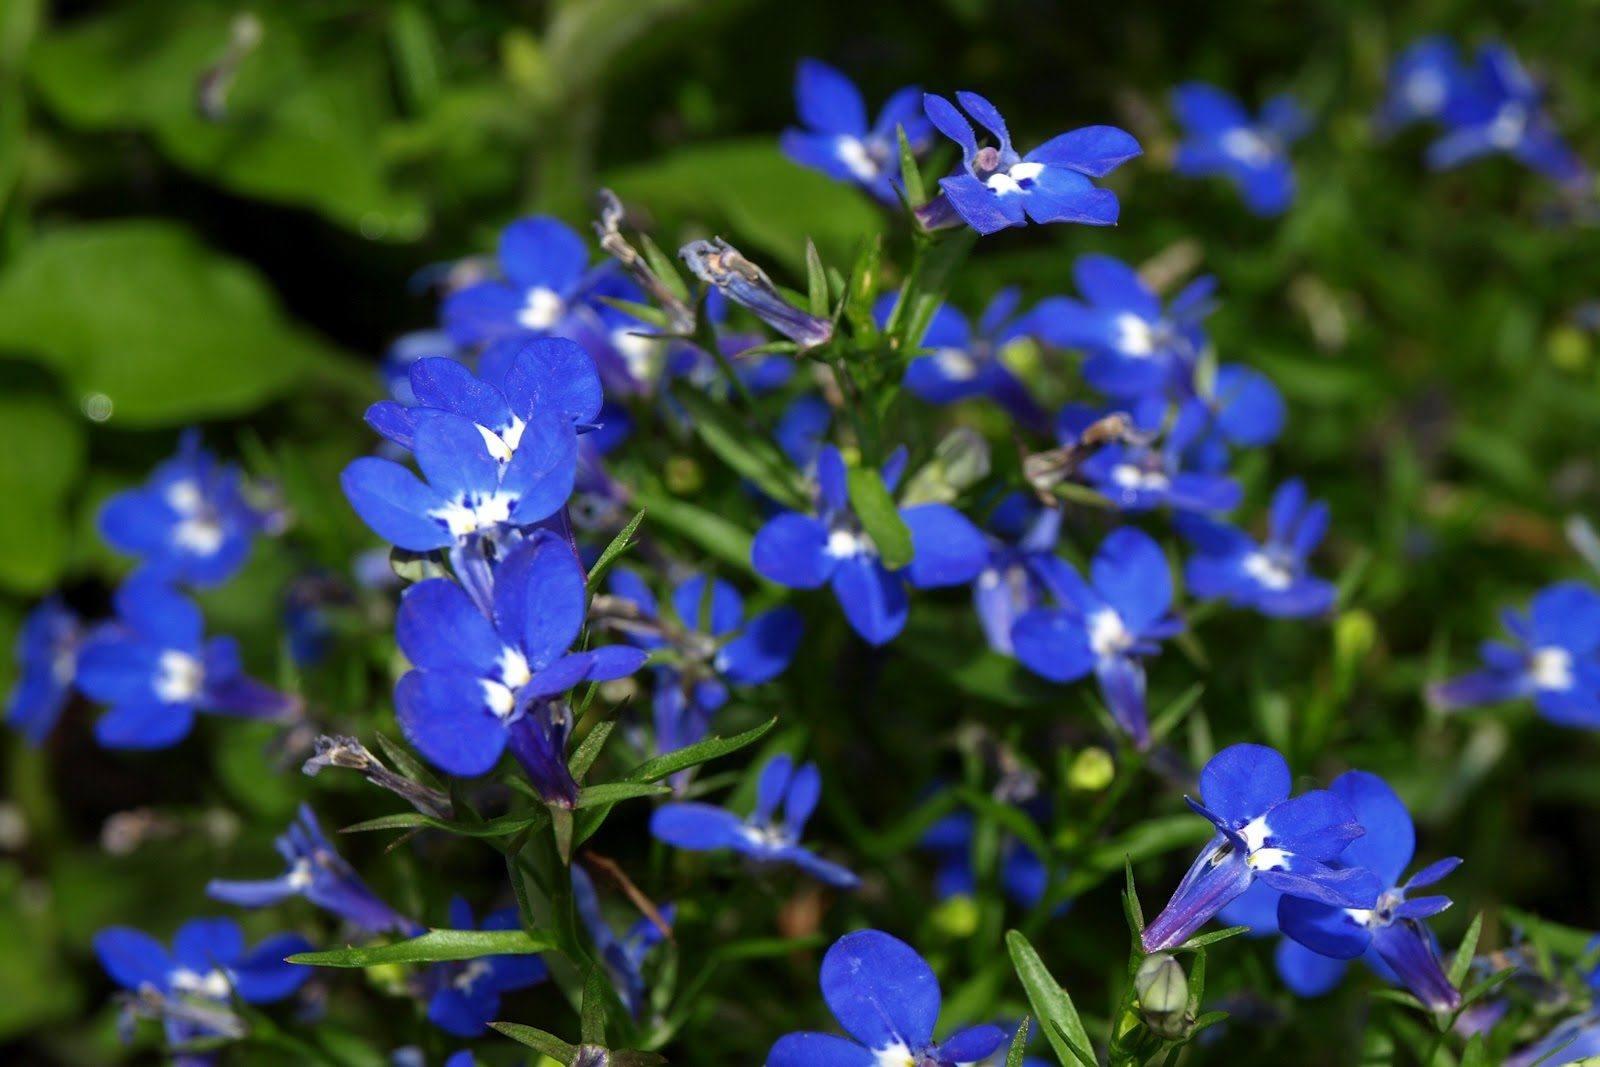 flores-azules-lobelias.jpg